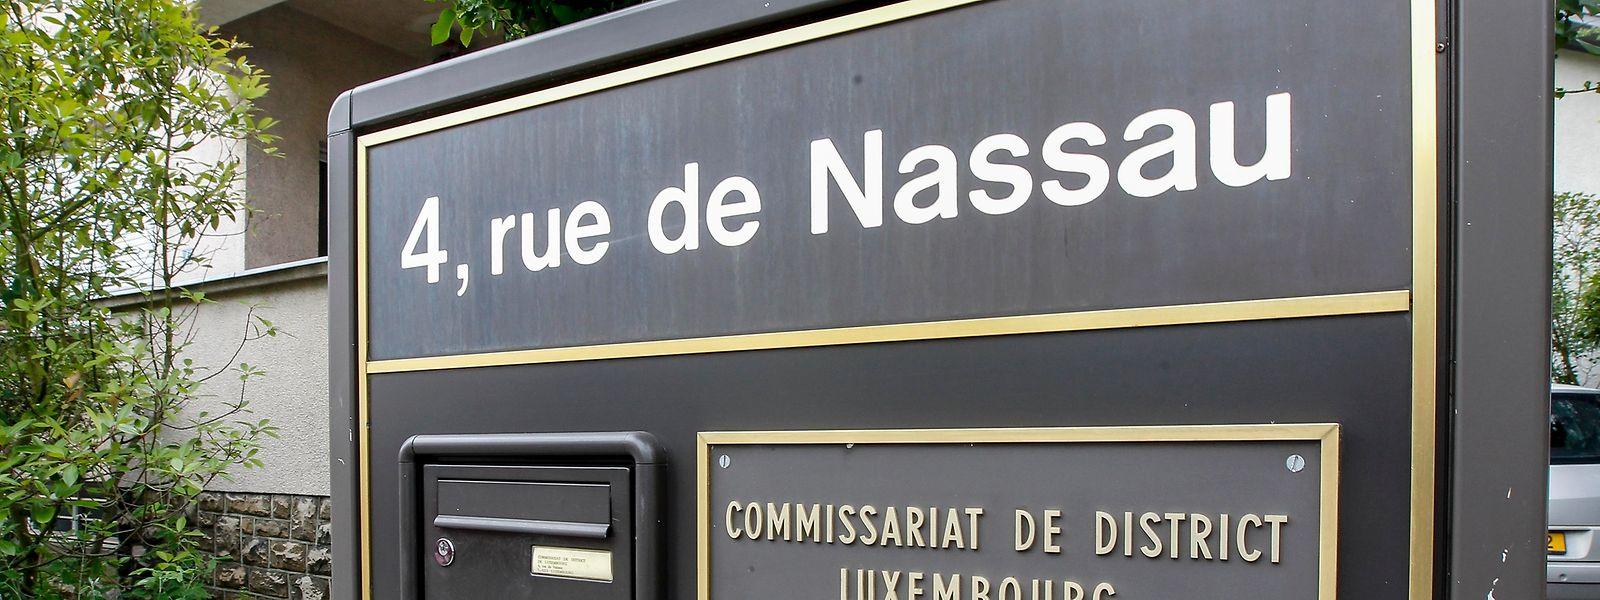 """Zuletzt wurden die Distriktskommissariate von vielen nur noch als """"Briefkästen"""" des Innenministers angesehen."""